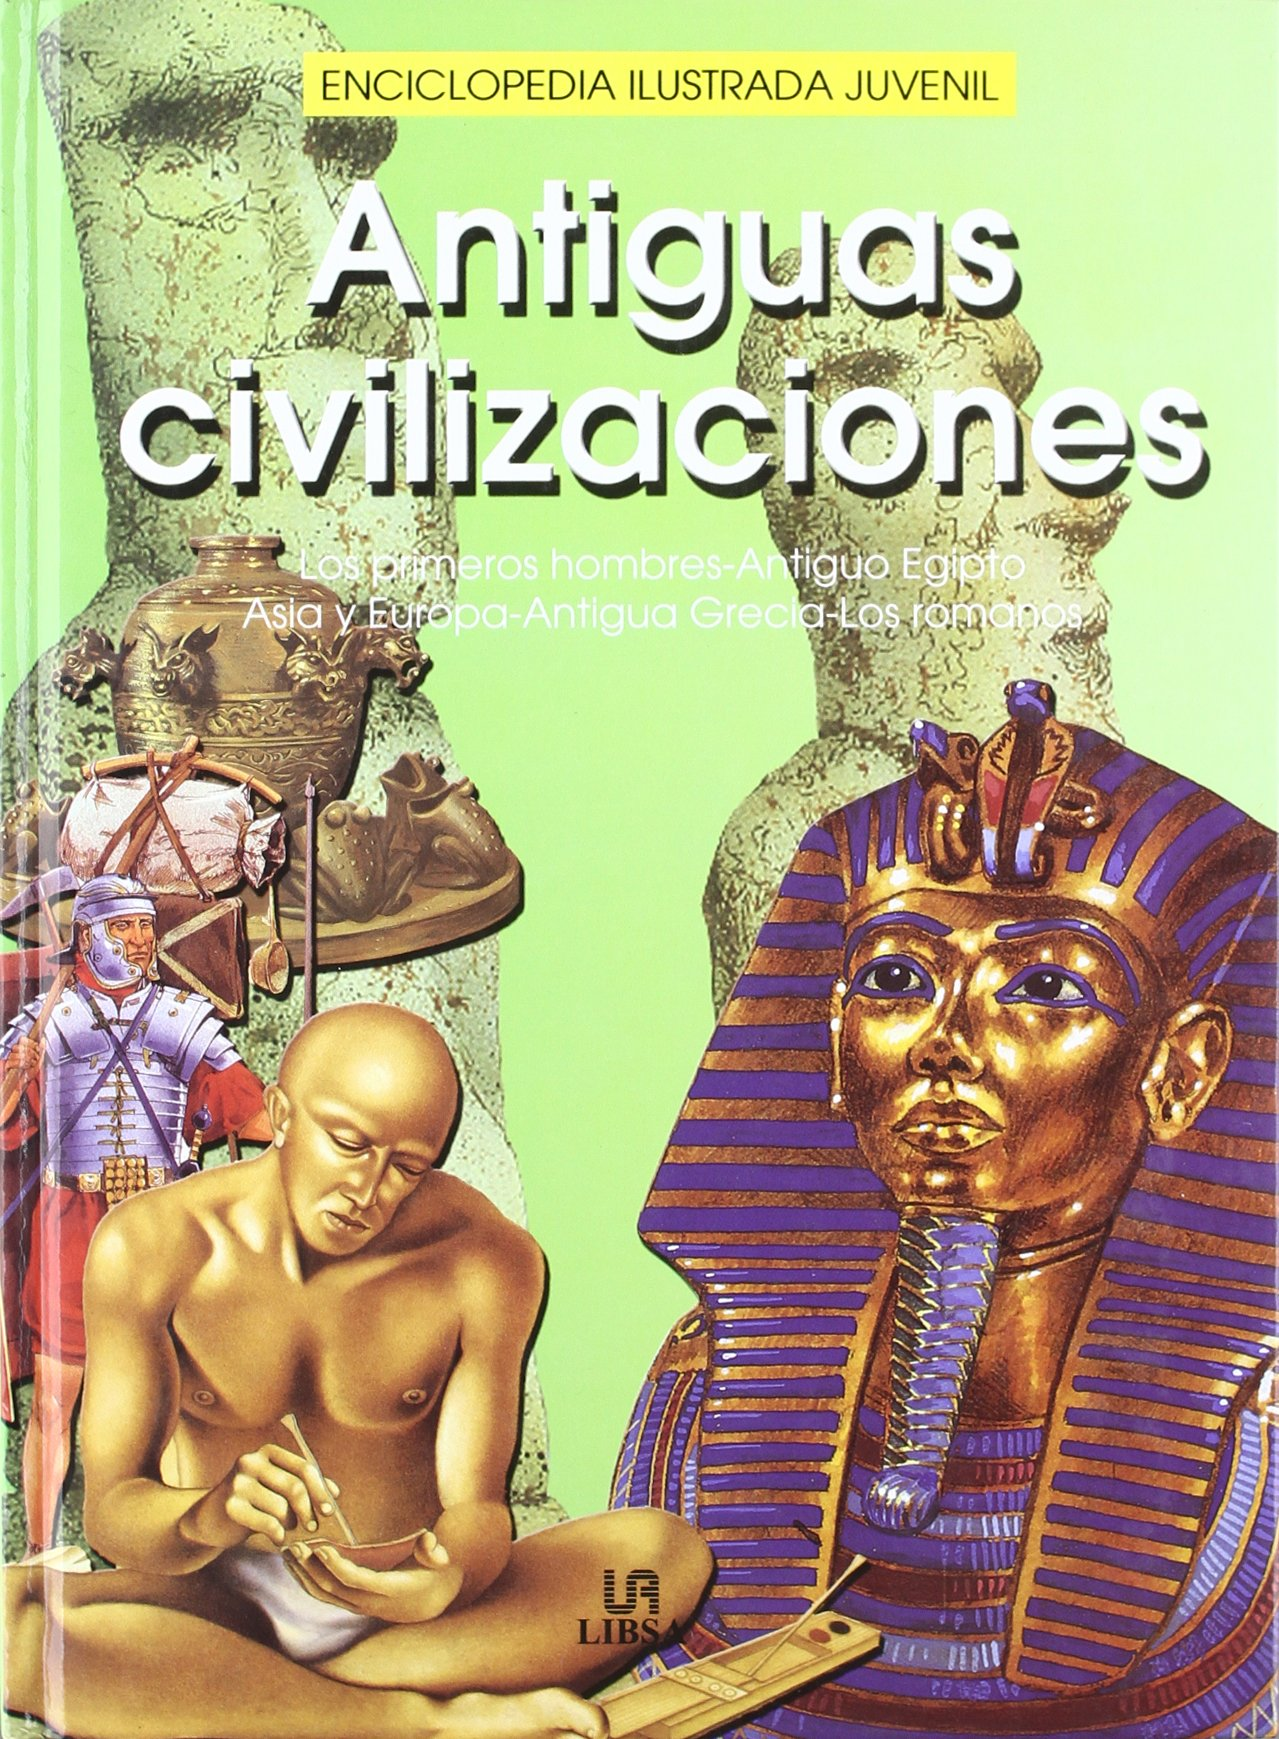 Antiguas civilizaciones Enciclopedia ilustrada juvenil: Amazon.es: Alicia De la Pena: Libros